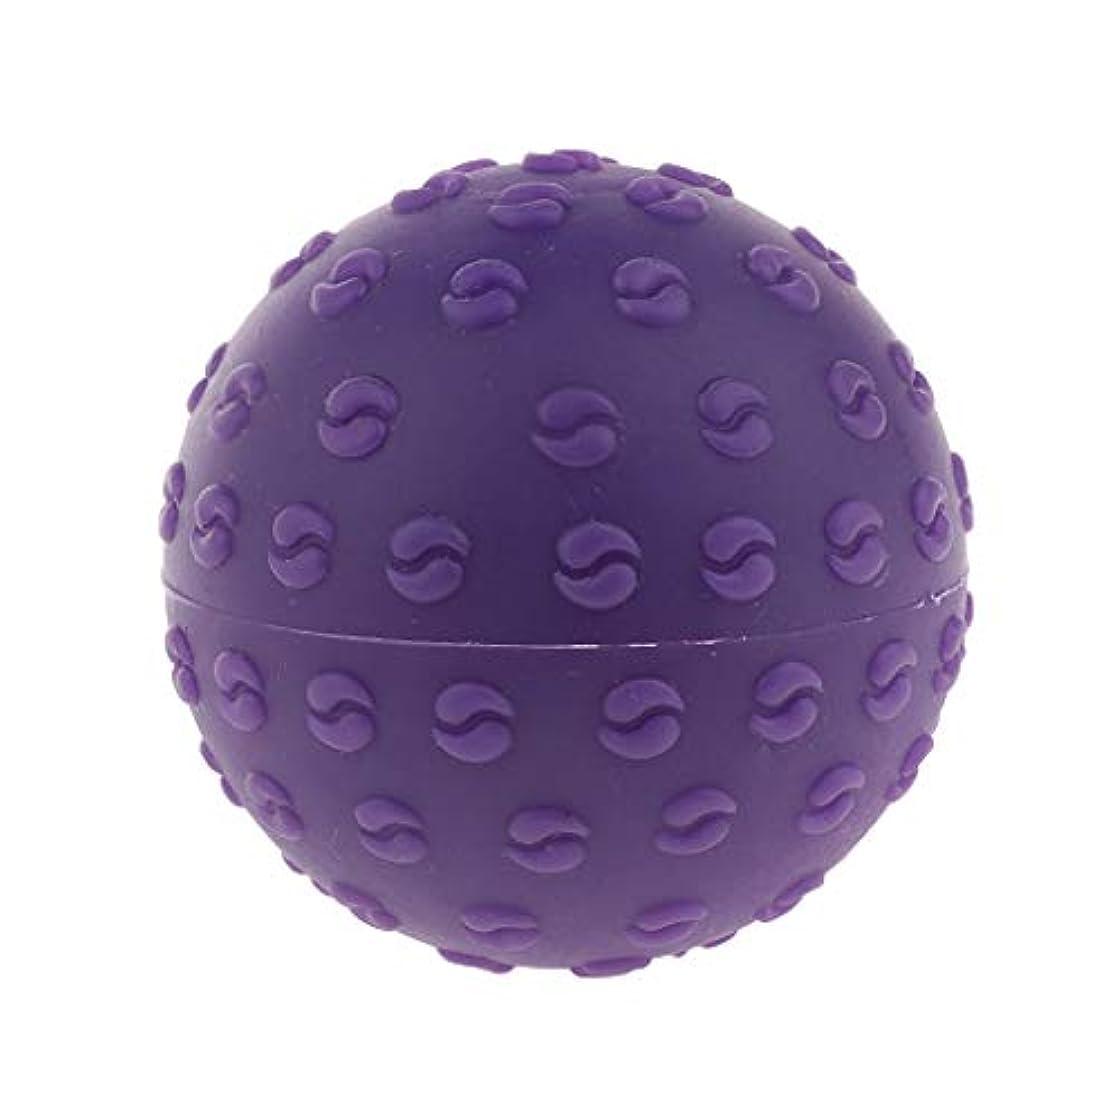 キャラクター困惑するトライアスロンD DOLITY マッサージボール 指圧ボール シリコーン トリガーポイント 足底筋膜炎 ヨガ 快適 全6色 - 紫, 説明のとおり